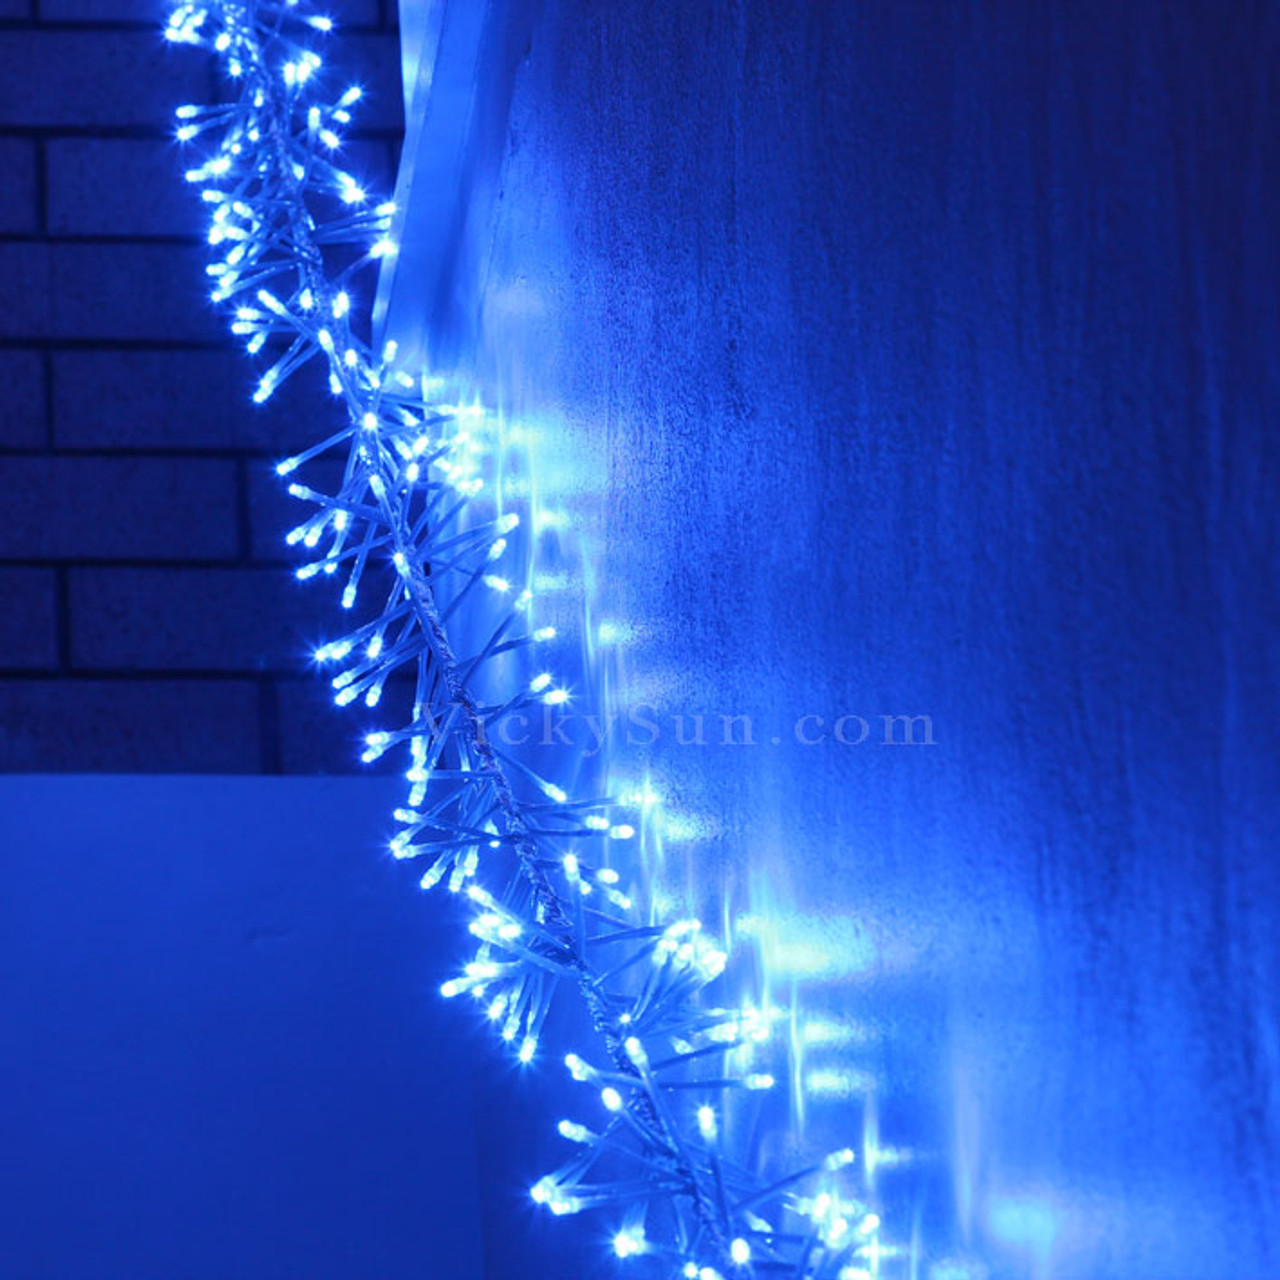 Chaser Christmas Lights.10m 840 Led Blue Firecracker Chaser String Christmas Lights Clear Wire